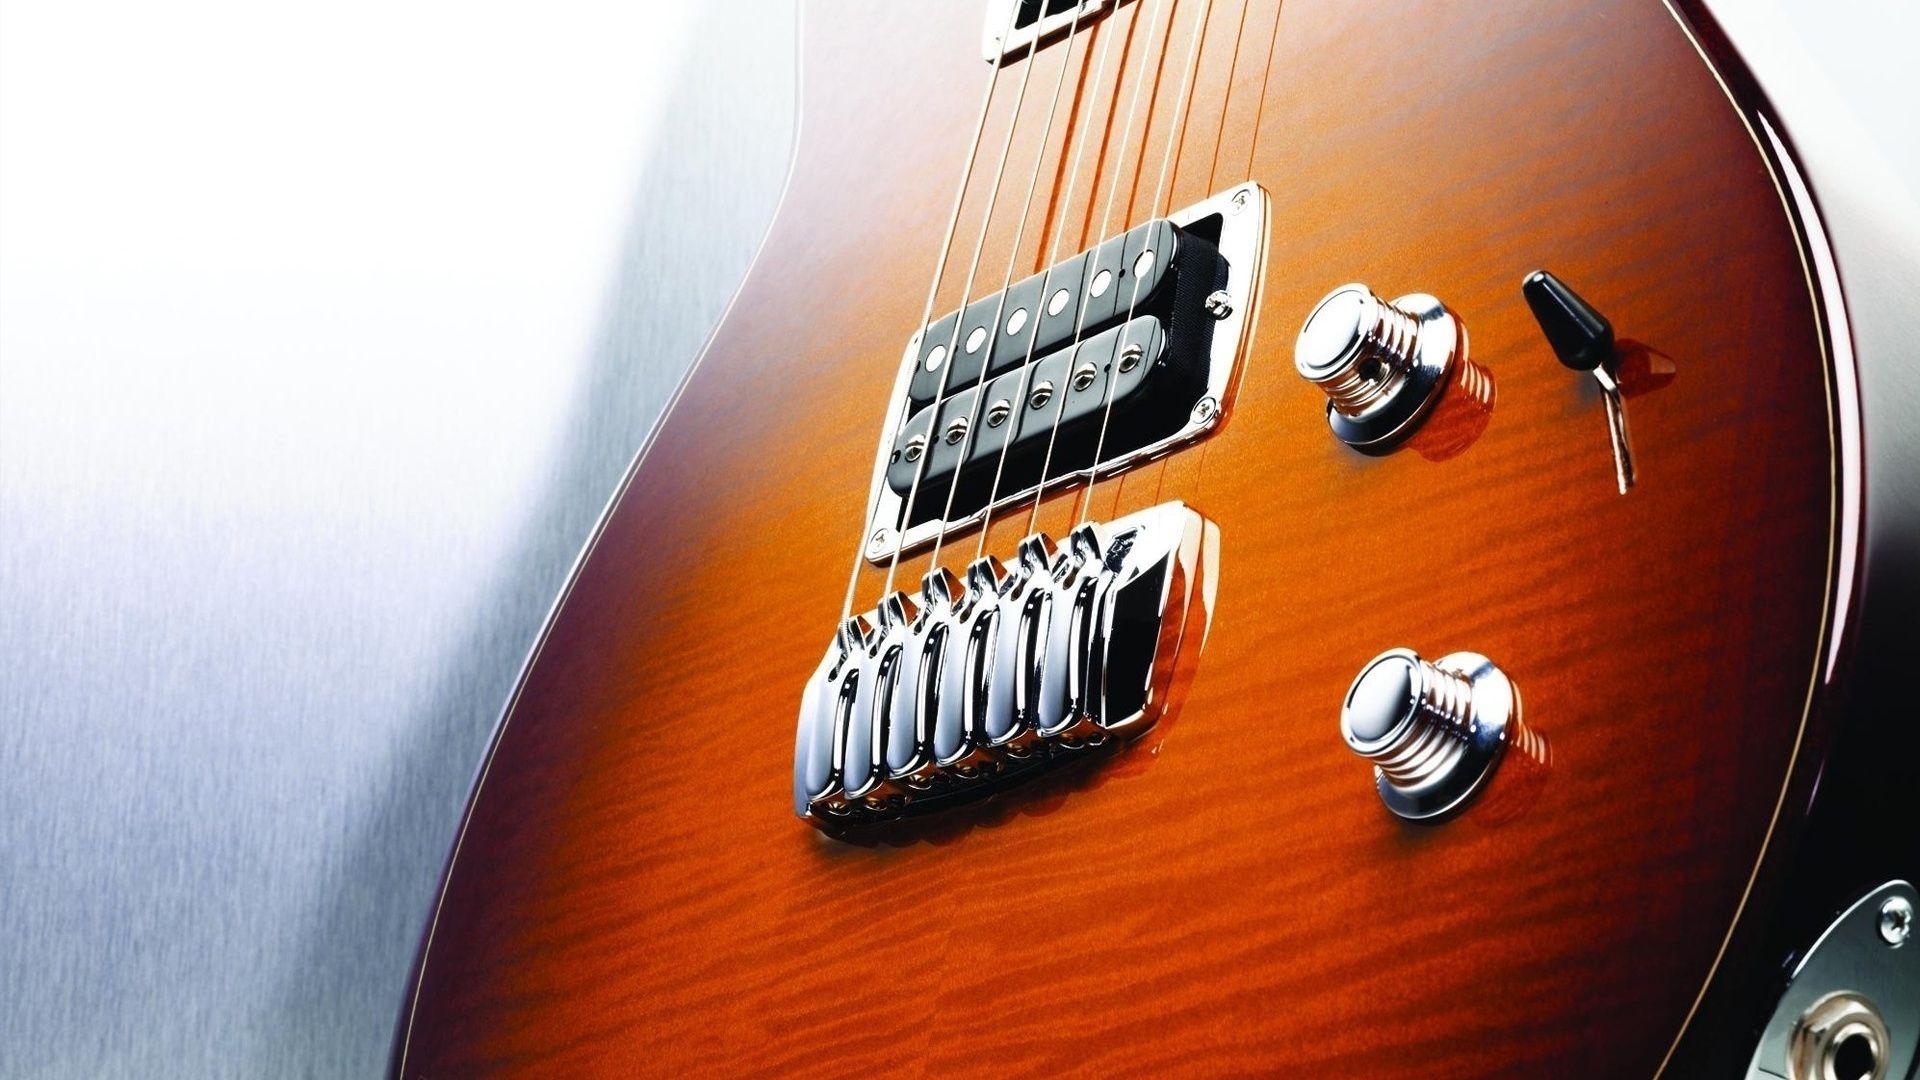 Electric Guitar wood, Good Wallpaper